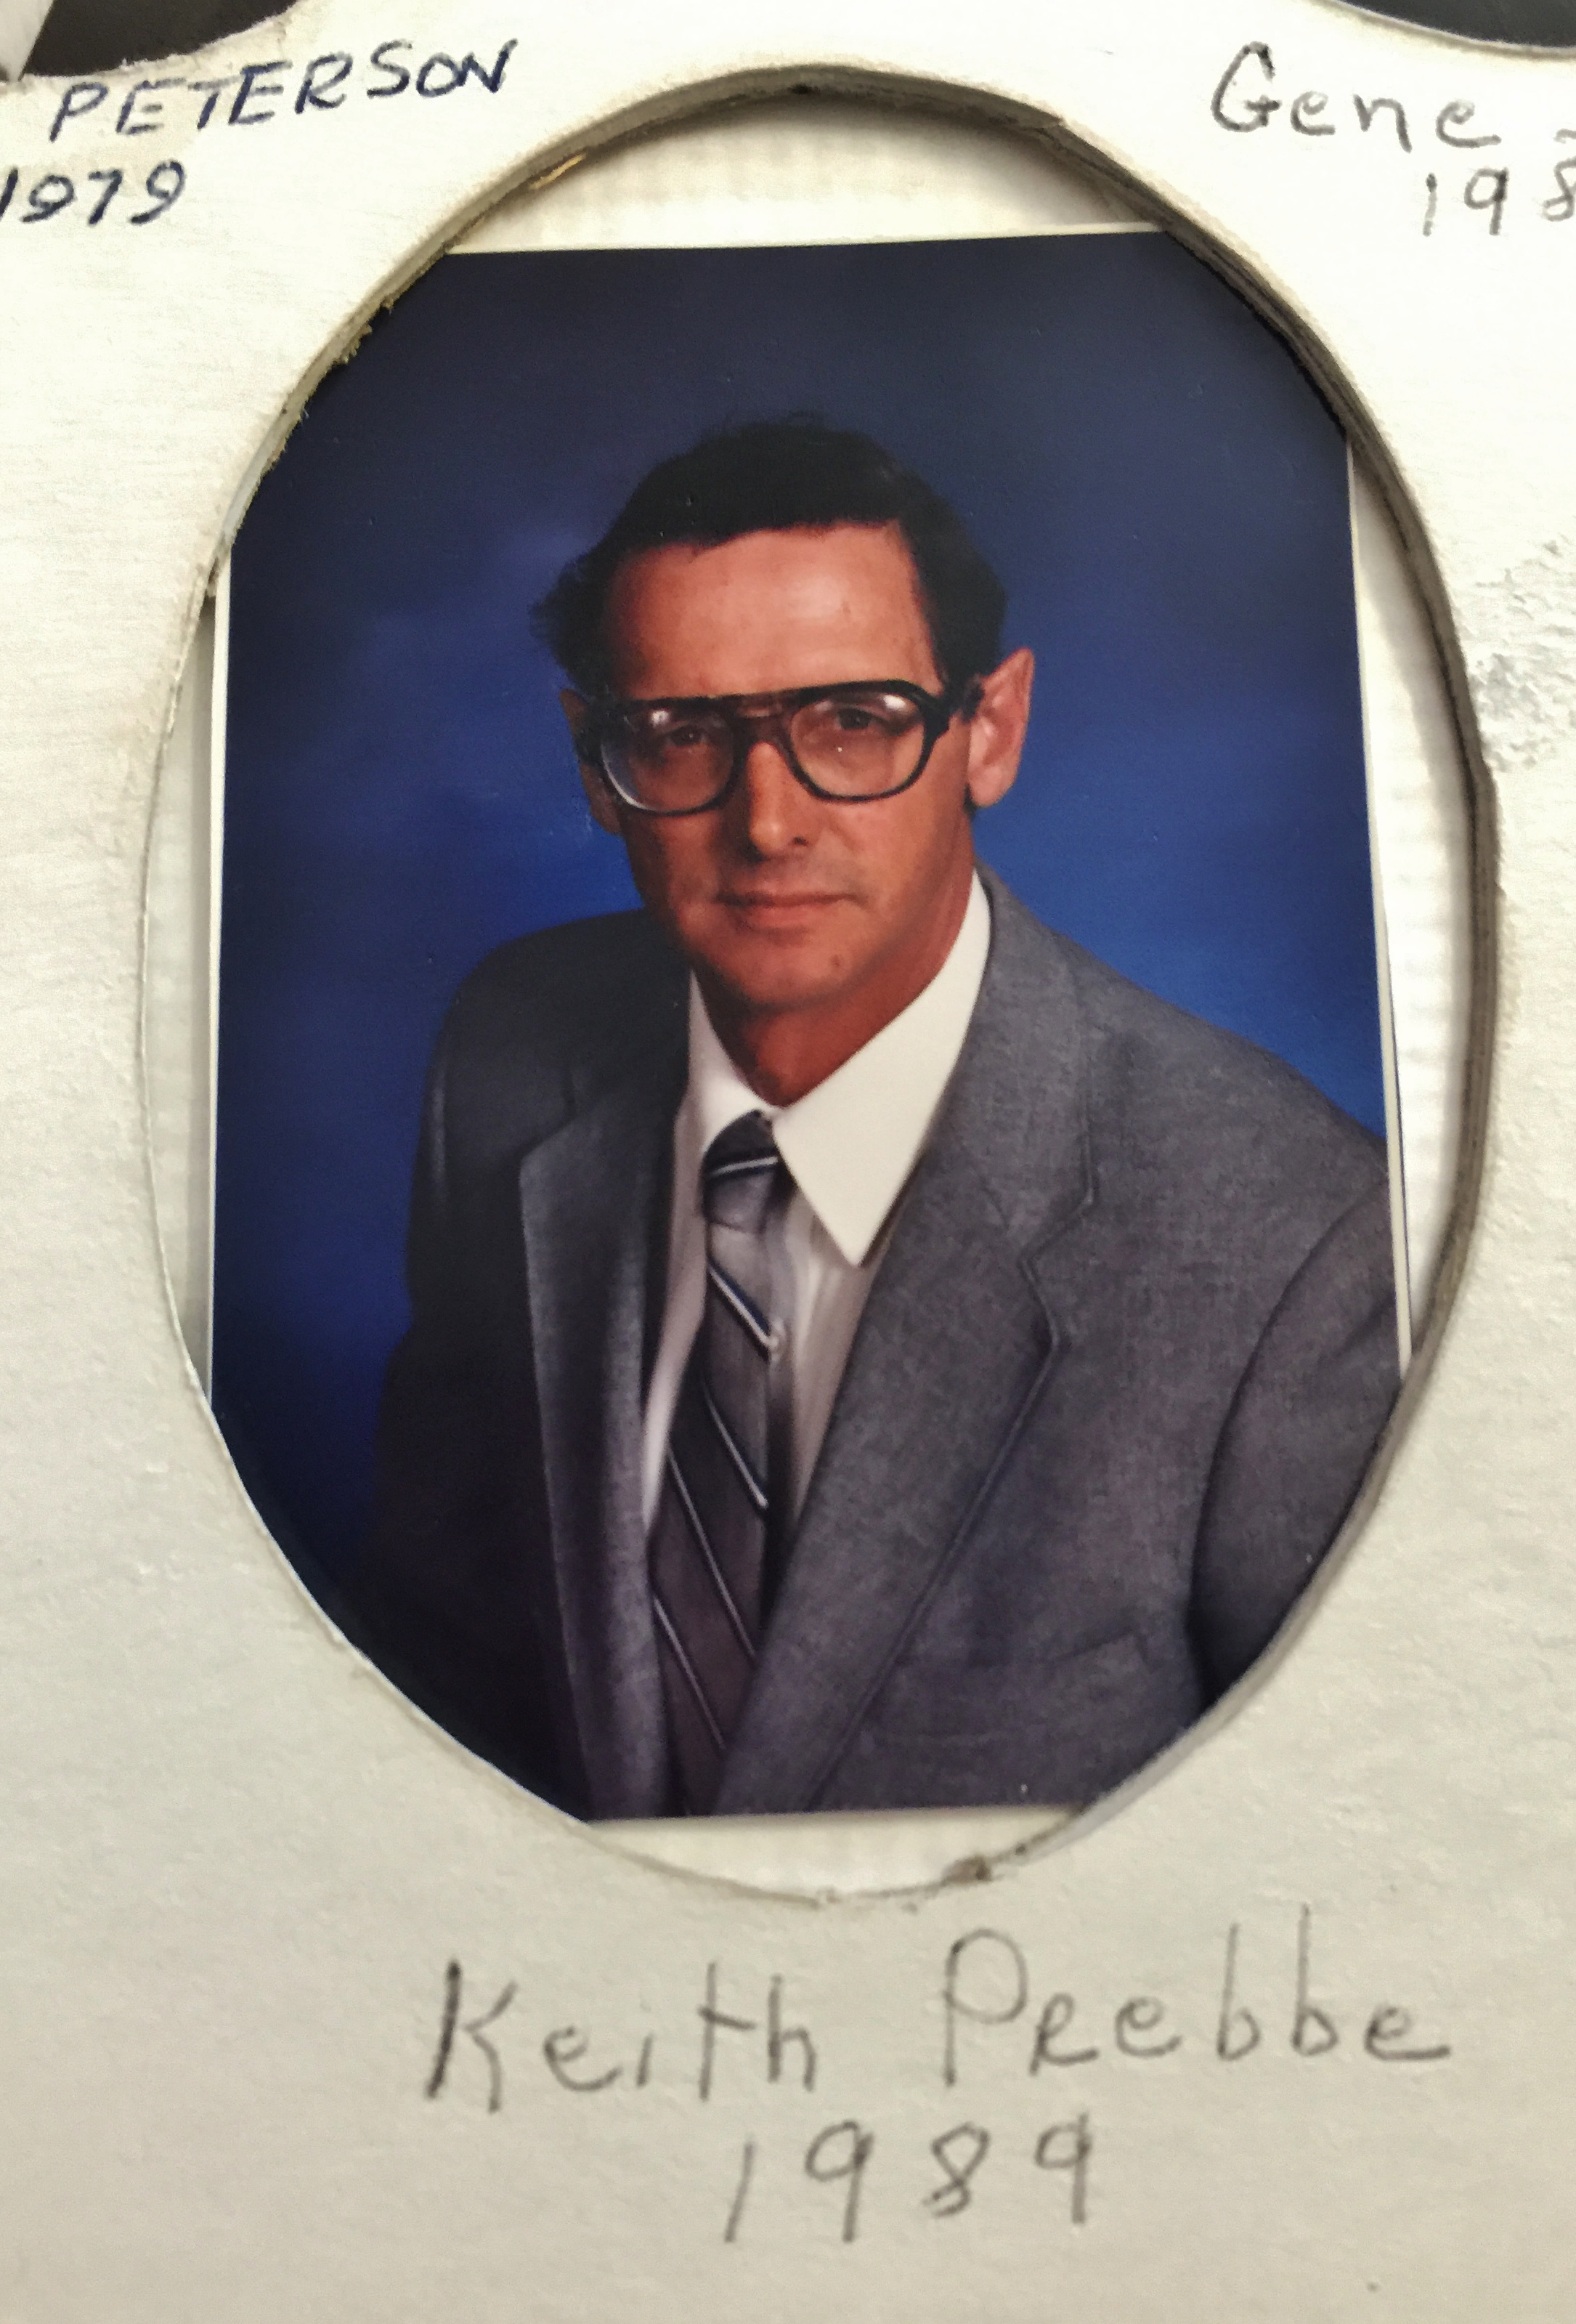 1989 Keith Prebbe